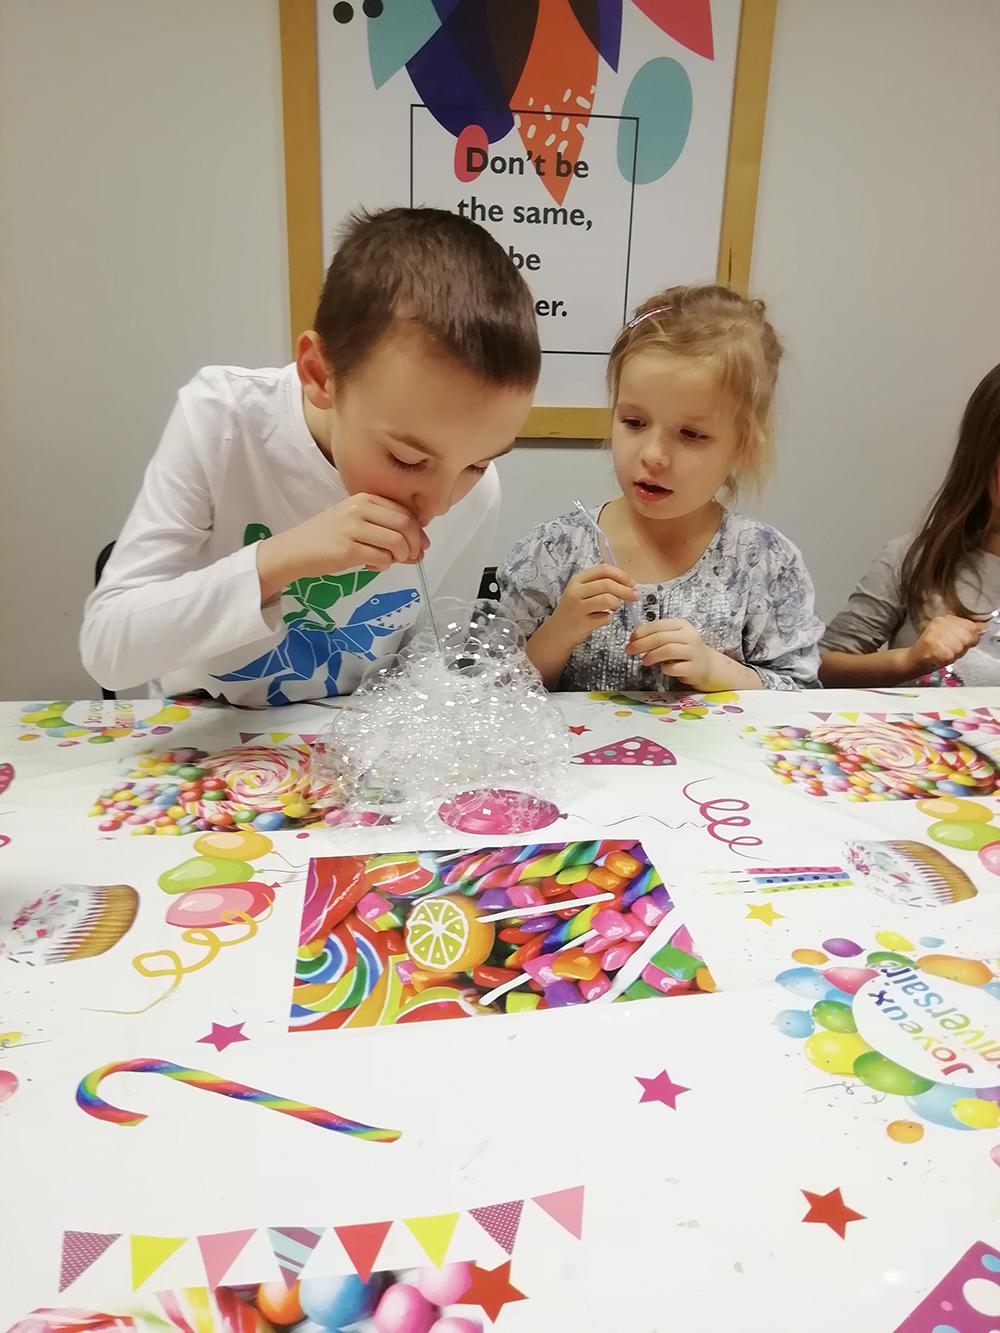 archibald kids warszawa ferie jezykowe polkolonie angielski dla dzieci